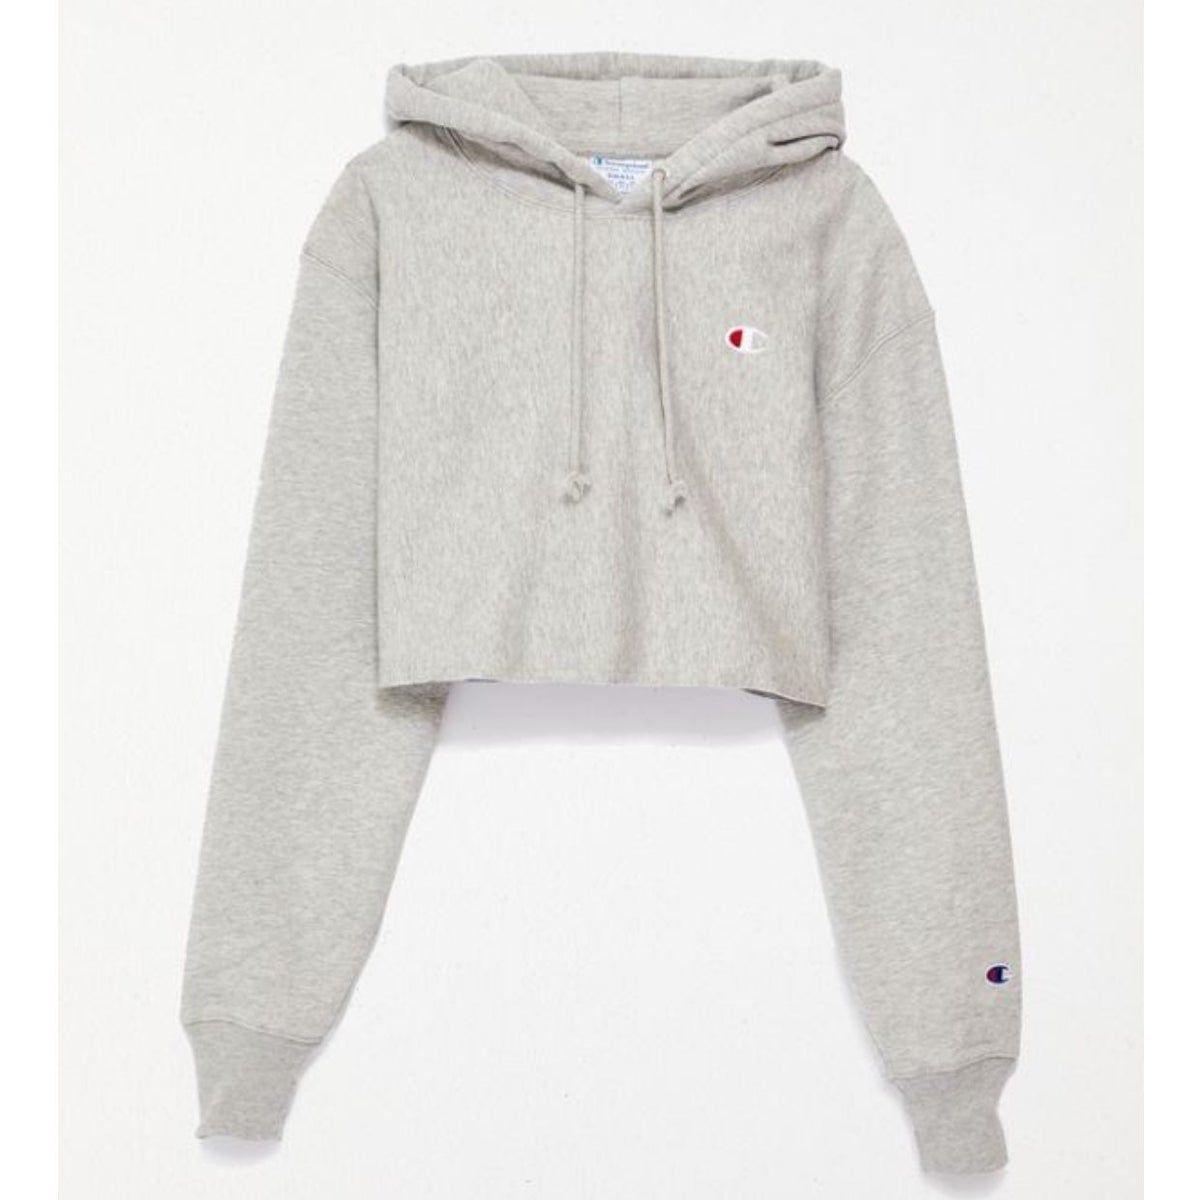 Champion Reverse Weave Cropped Hoodie In 2021 Crop Sweatshirt Hoodie Girls Sweatshirts Hoodie Cropped Hoodie [ 1200 x 1200 Pixel ]